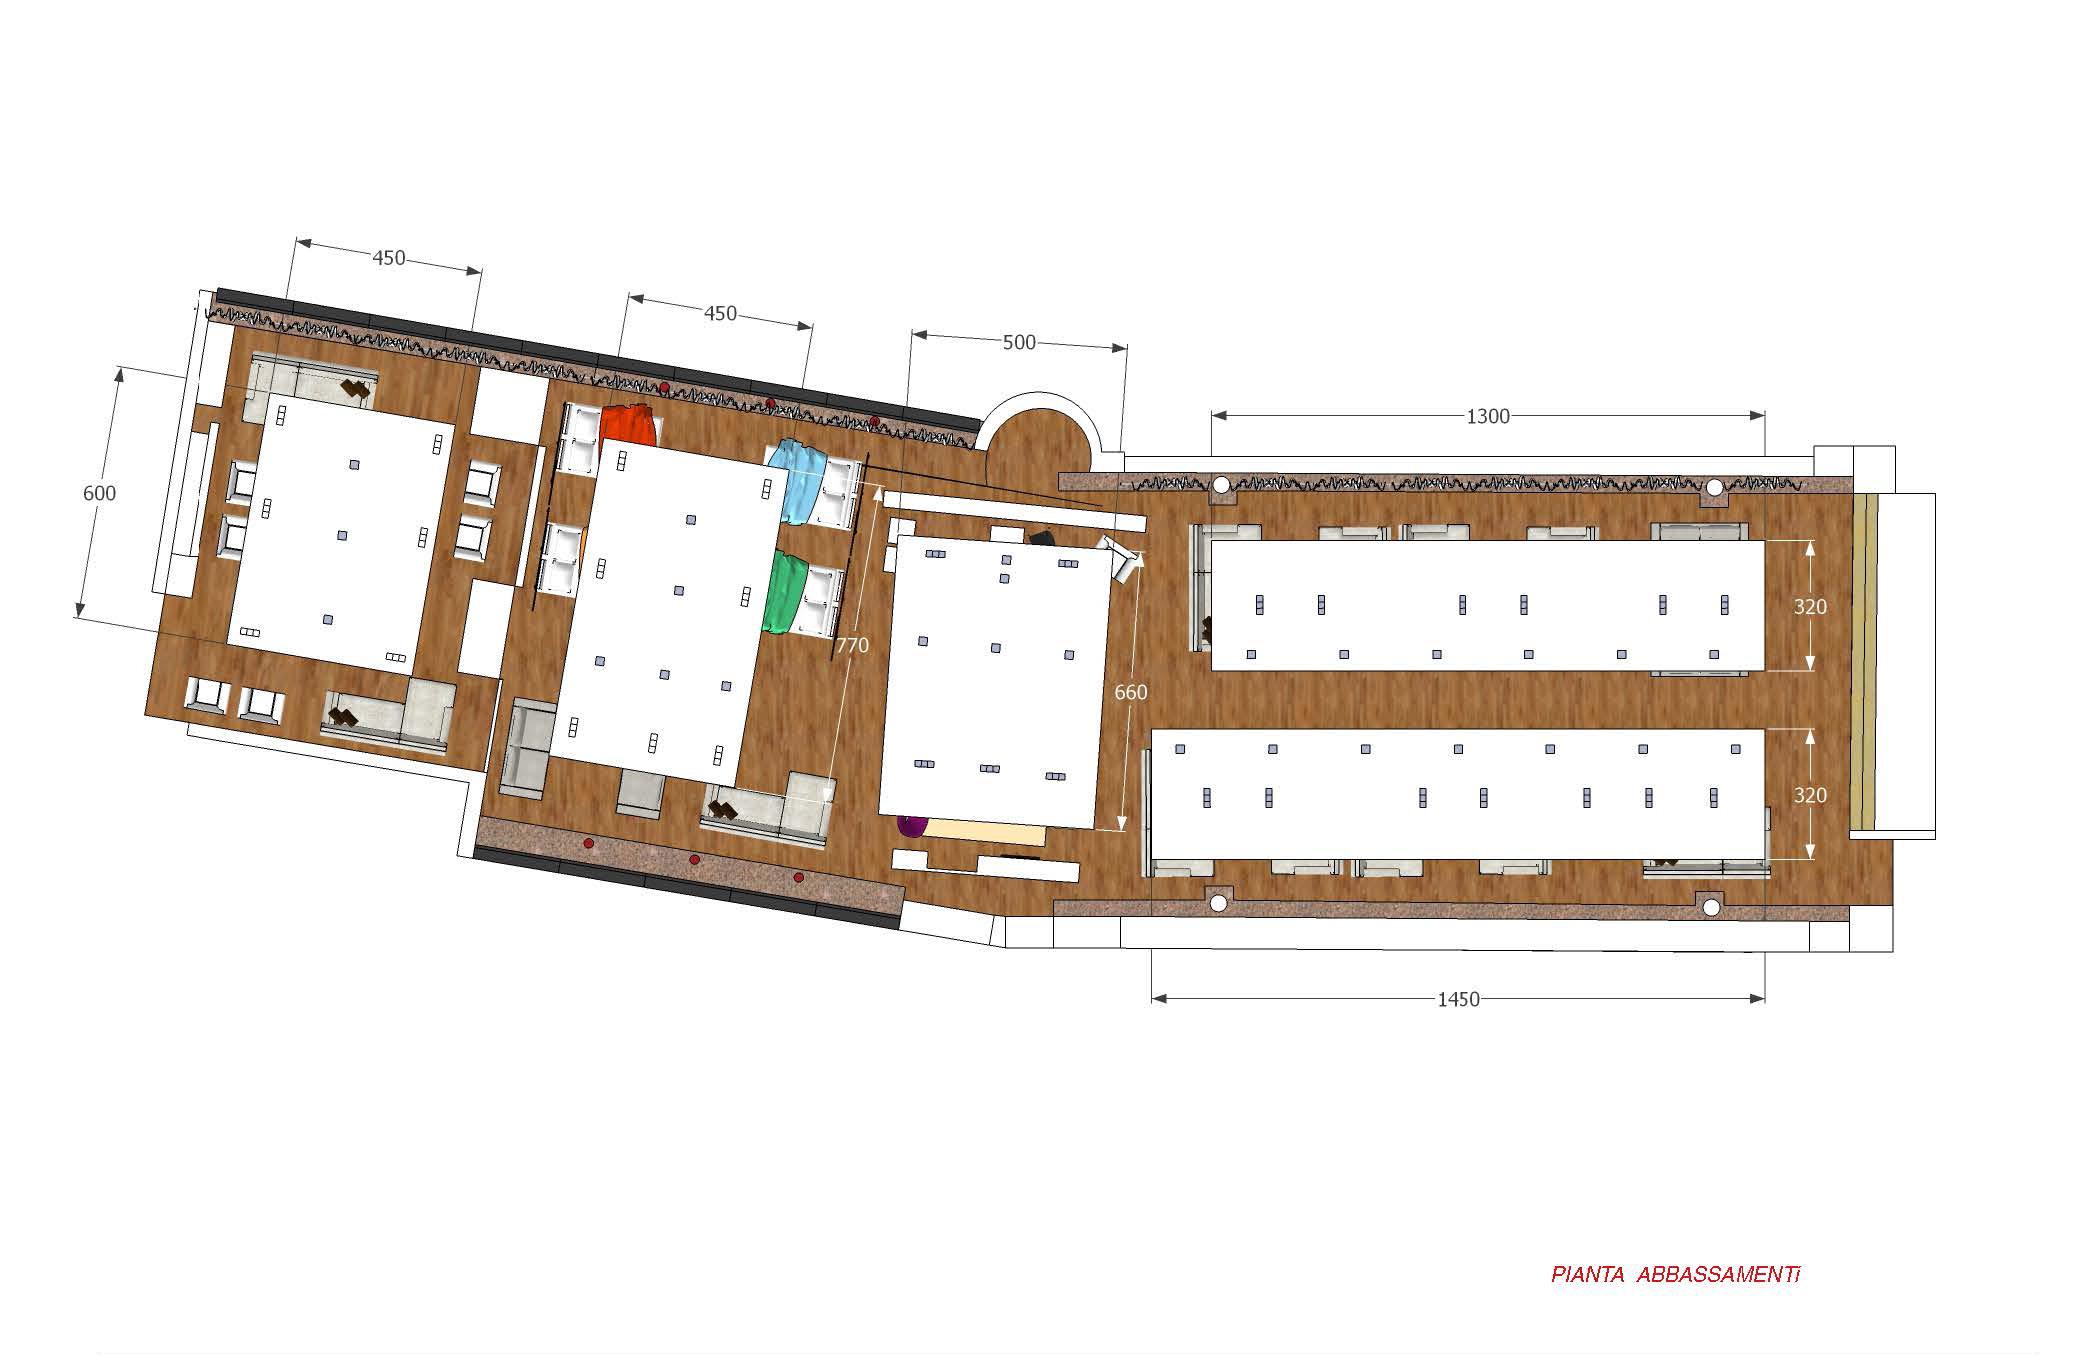 Galvan mobili ufficio idea d 39 immagine di decorazione - Galvan mobili bagno ...